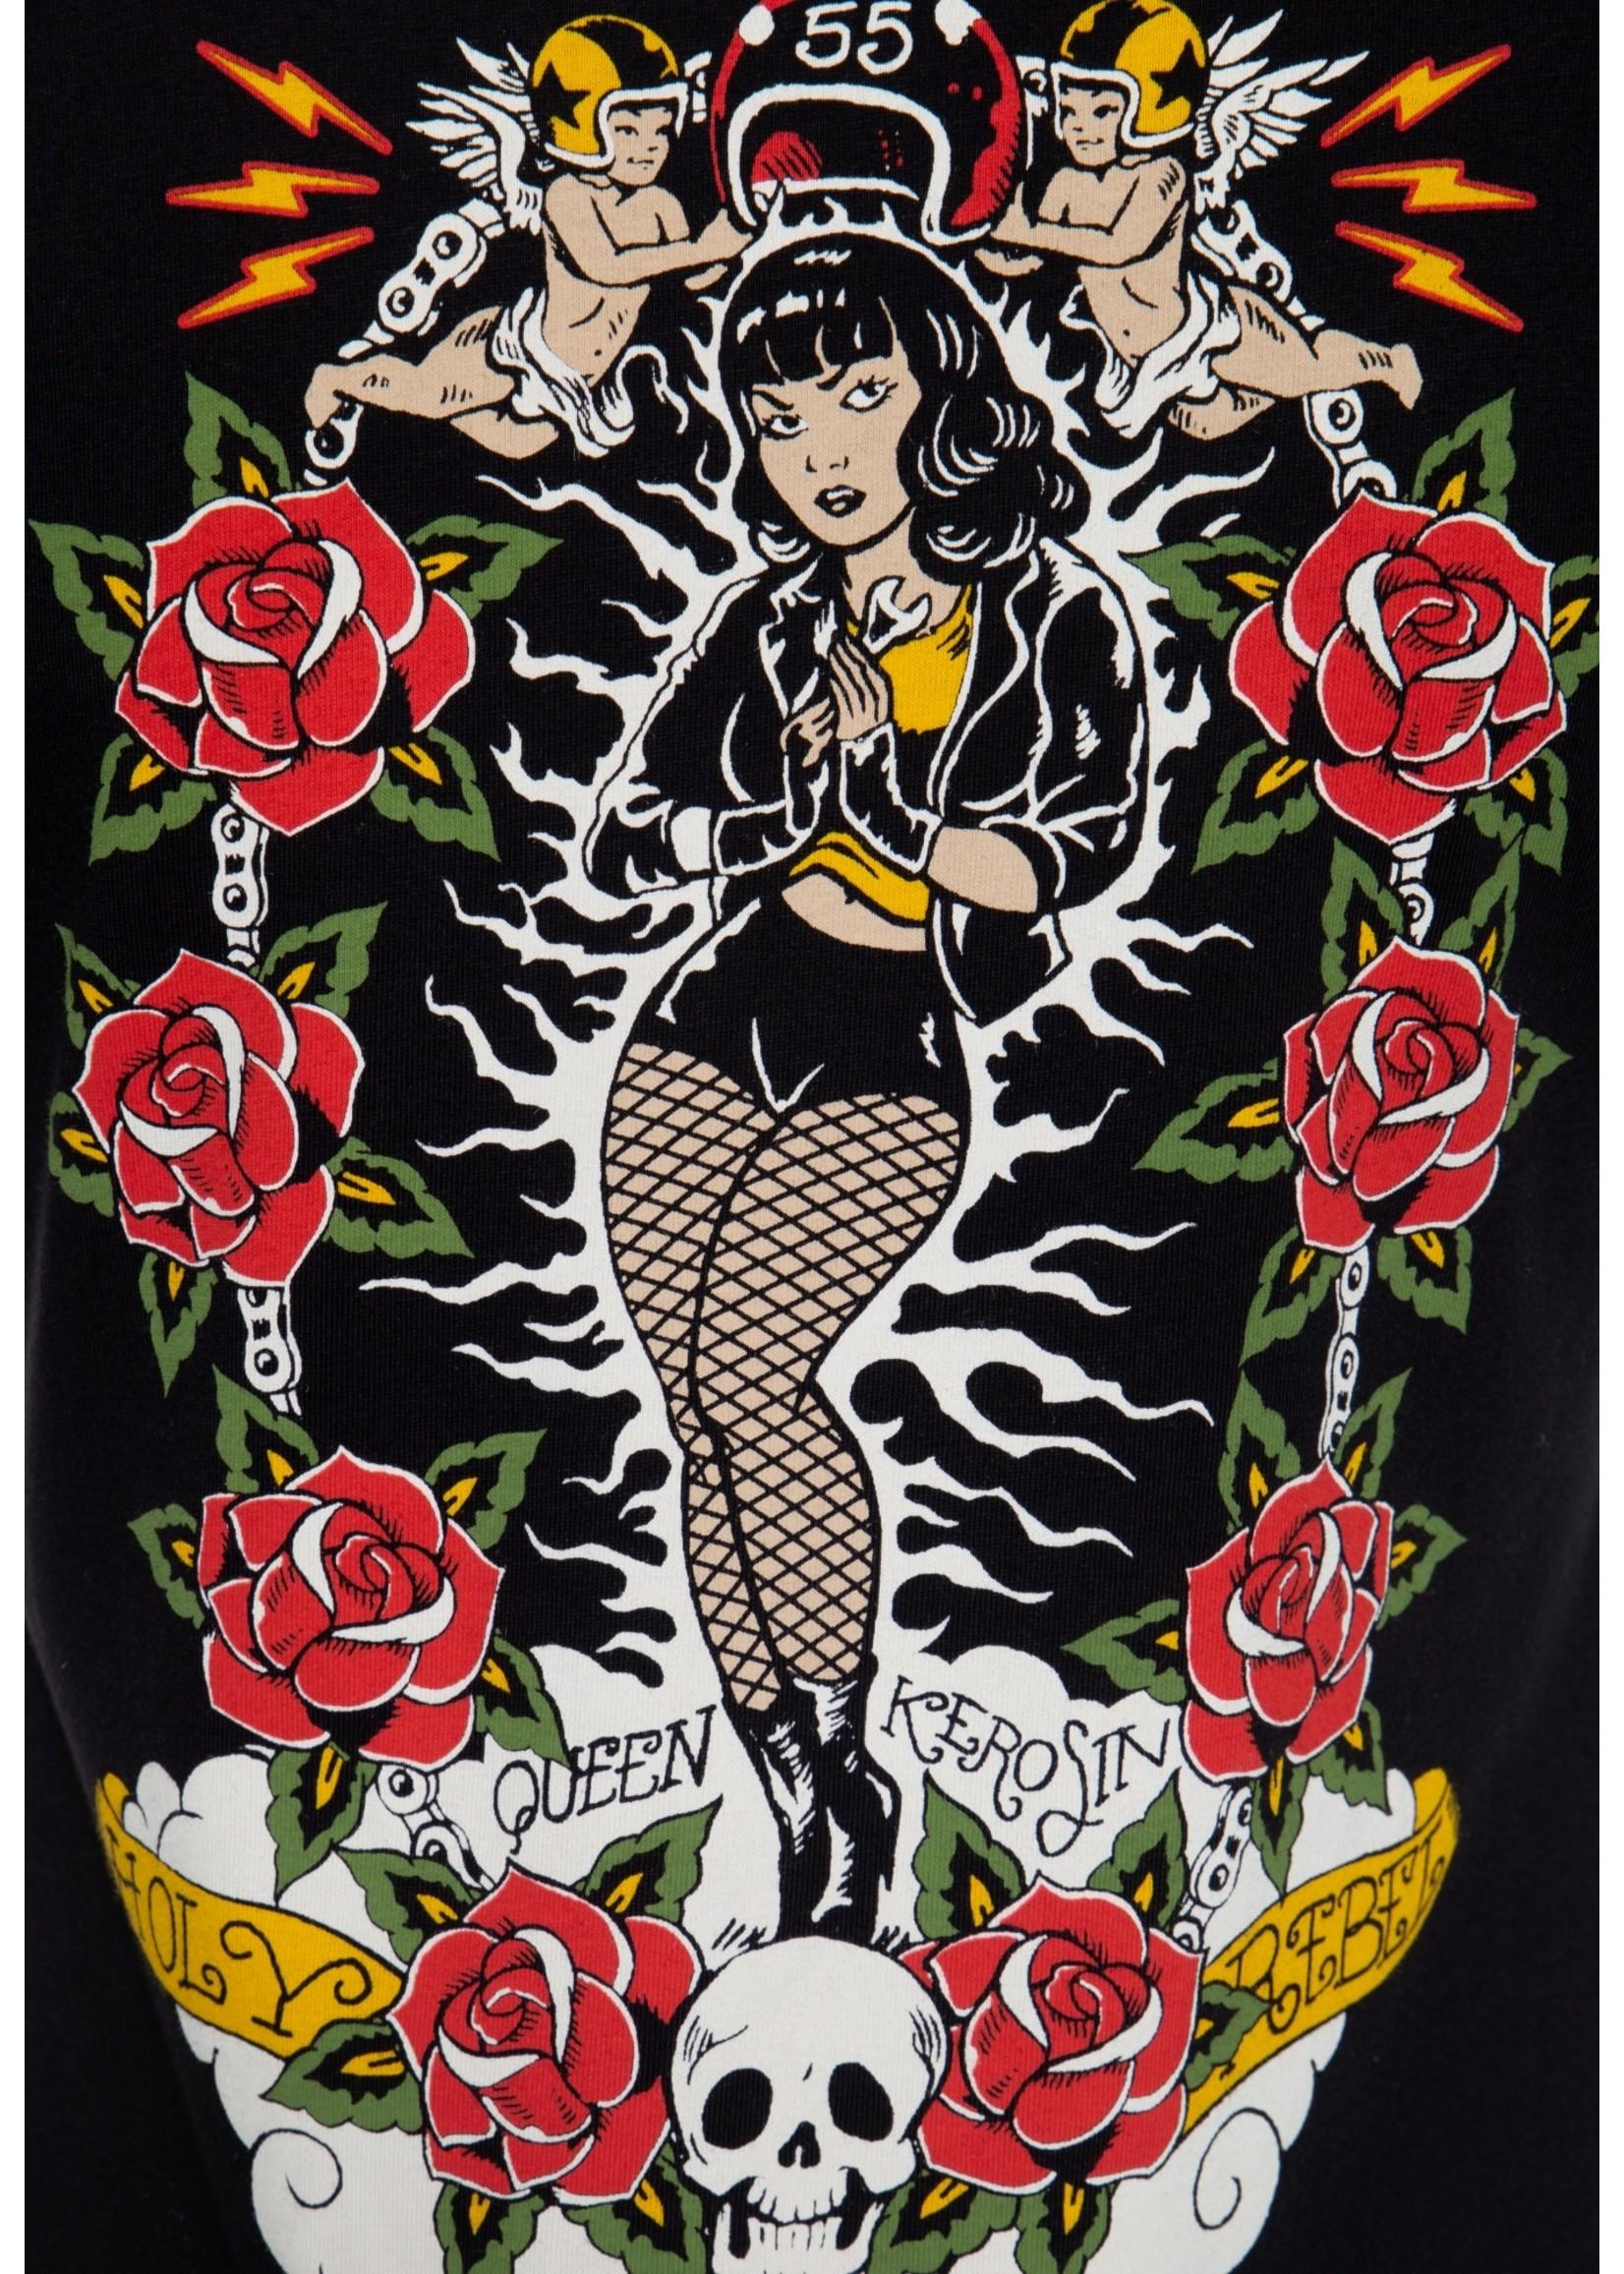 Queen Kerosin Queen Kerosin 50s Holy Rebel in Black